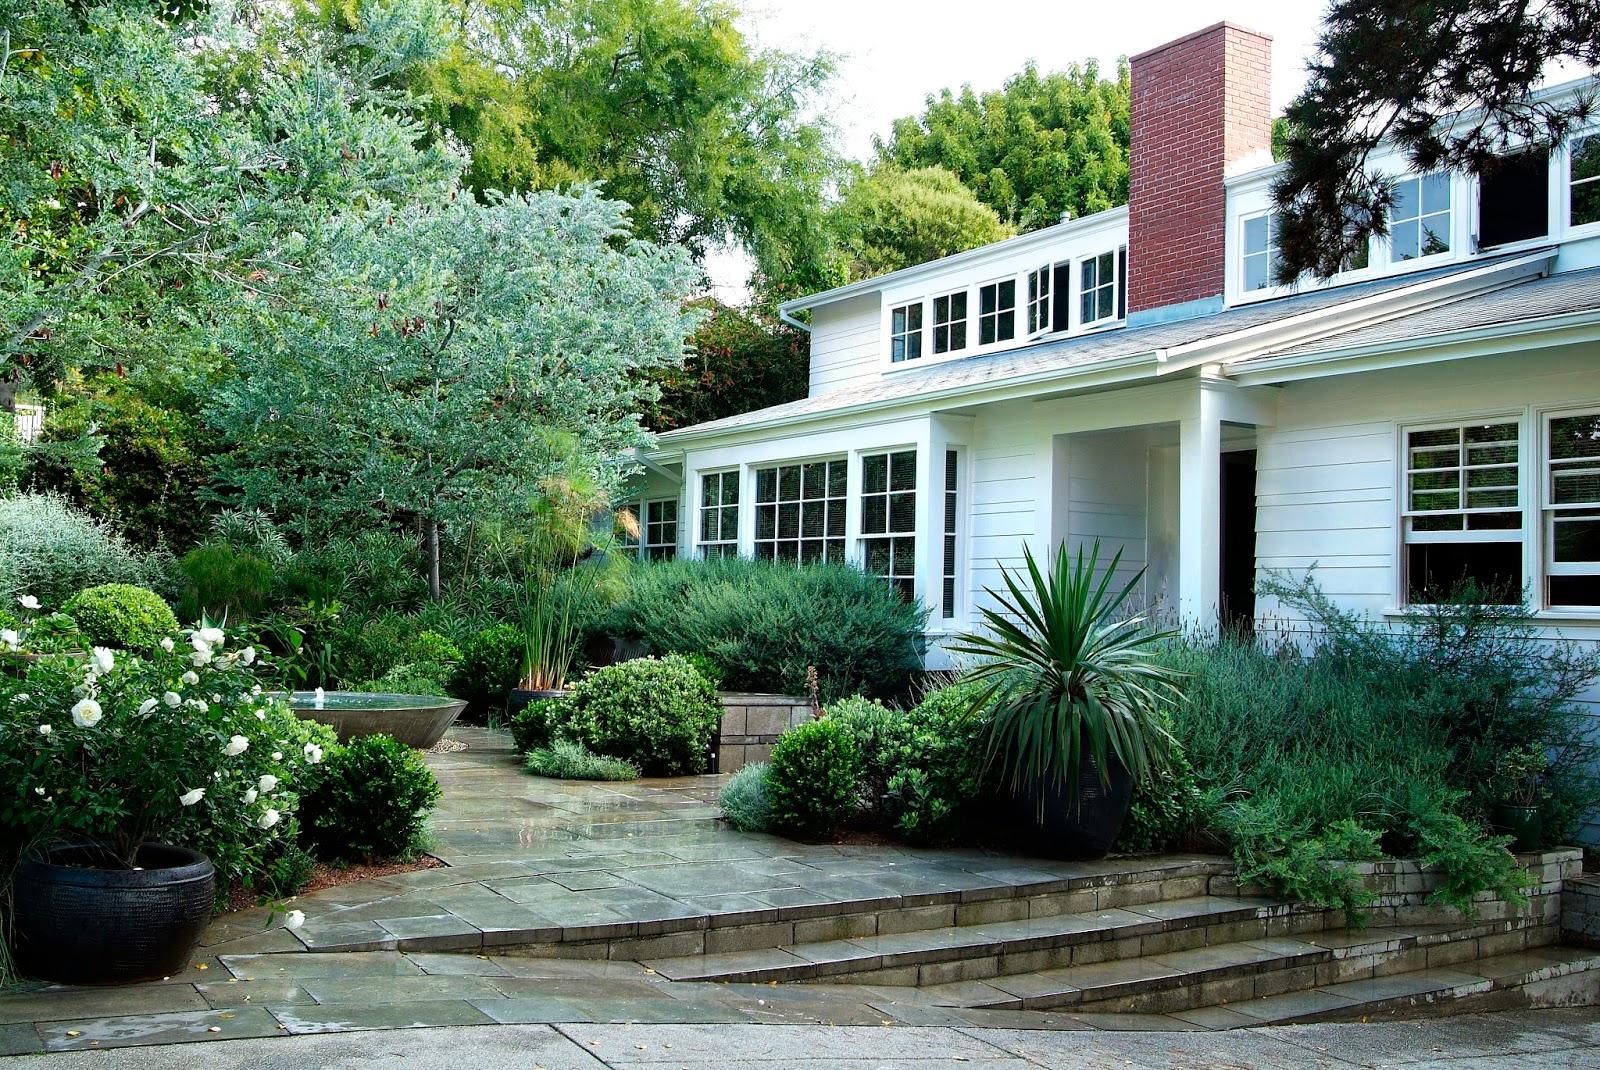 mar vista green garden showcase 3710 mountain view avenue